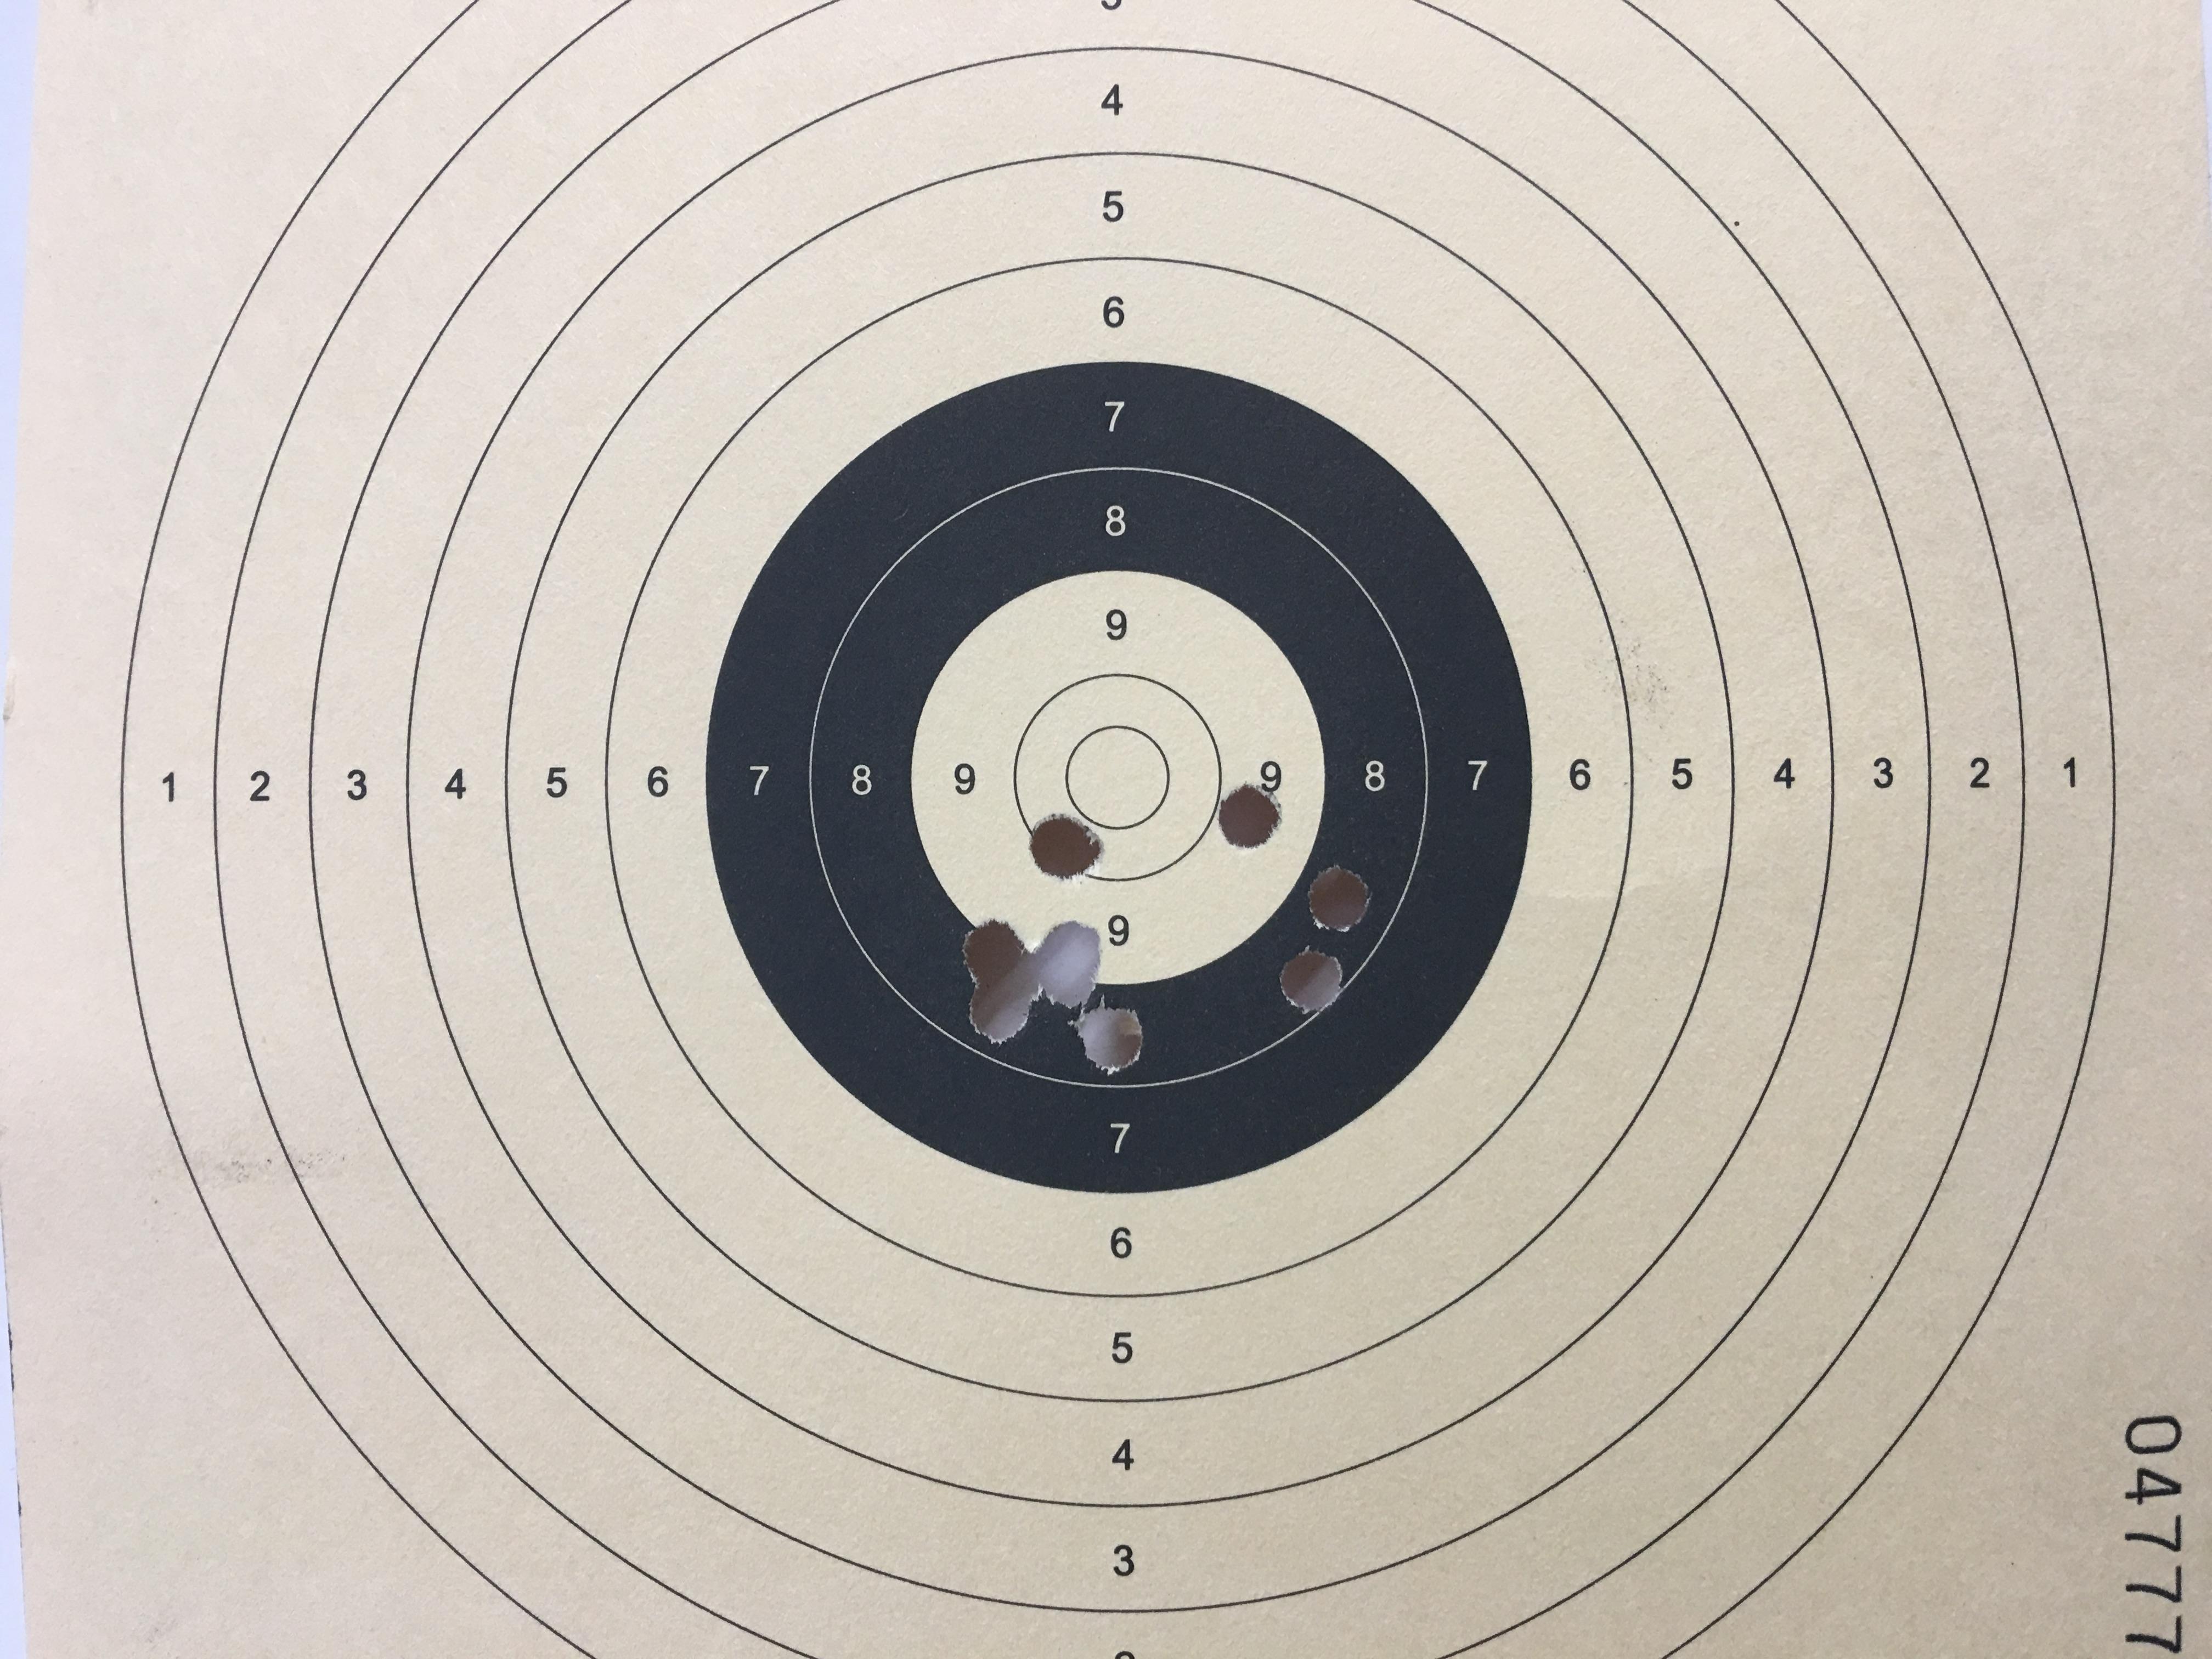 Mein erstes Trefferbild auf 12 m Distanz mit Pistolenzielfernrohr UTG. Die verwendete <a href=1310306-100.htm>Zielscheibe mit dem weißen Zentrum </a> habe ich extra so für meine Kunden drucken lassen.